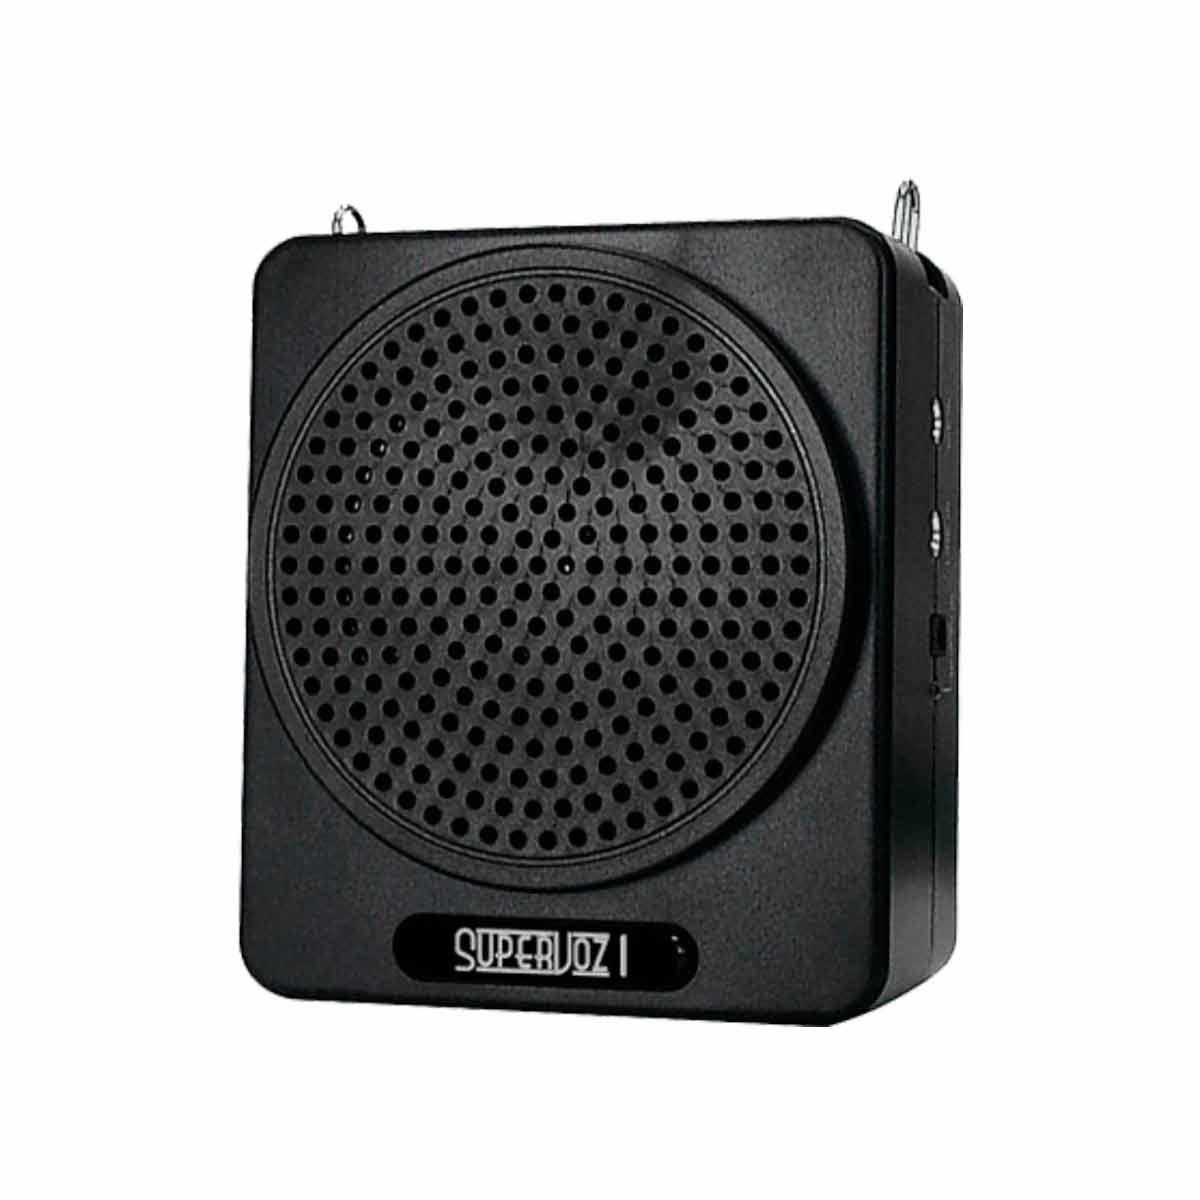 Kit Professor Port�til c/ Caixa + Microfone c/ Fio Supervoz I TSI-625 Preto - TSI